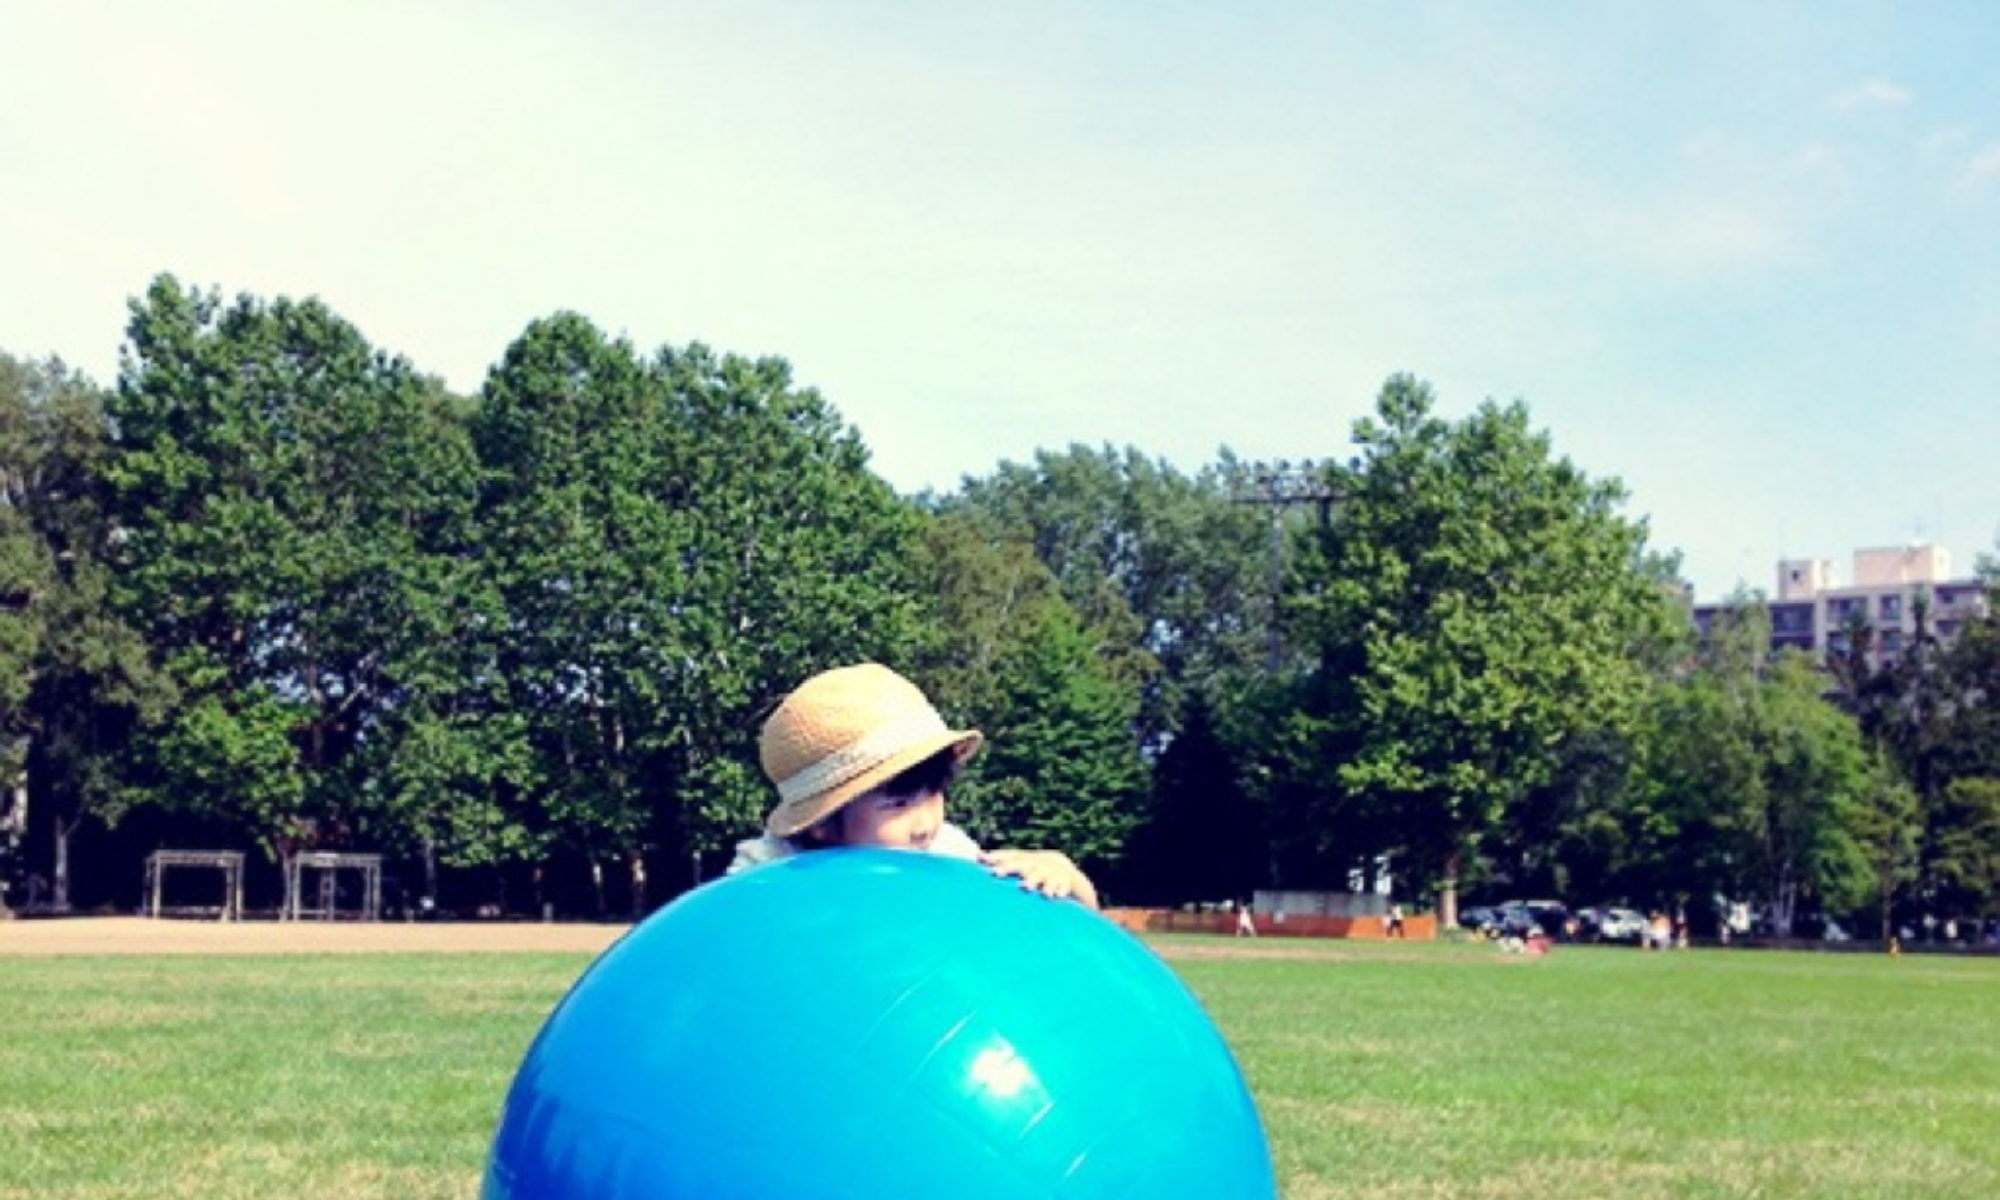 ボールと子ども